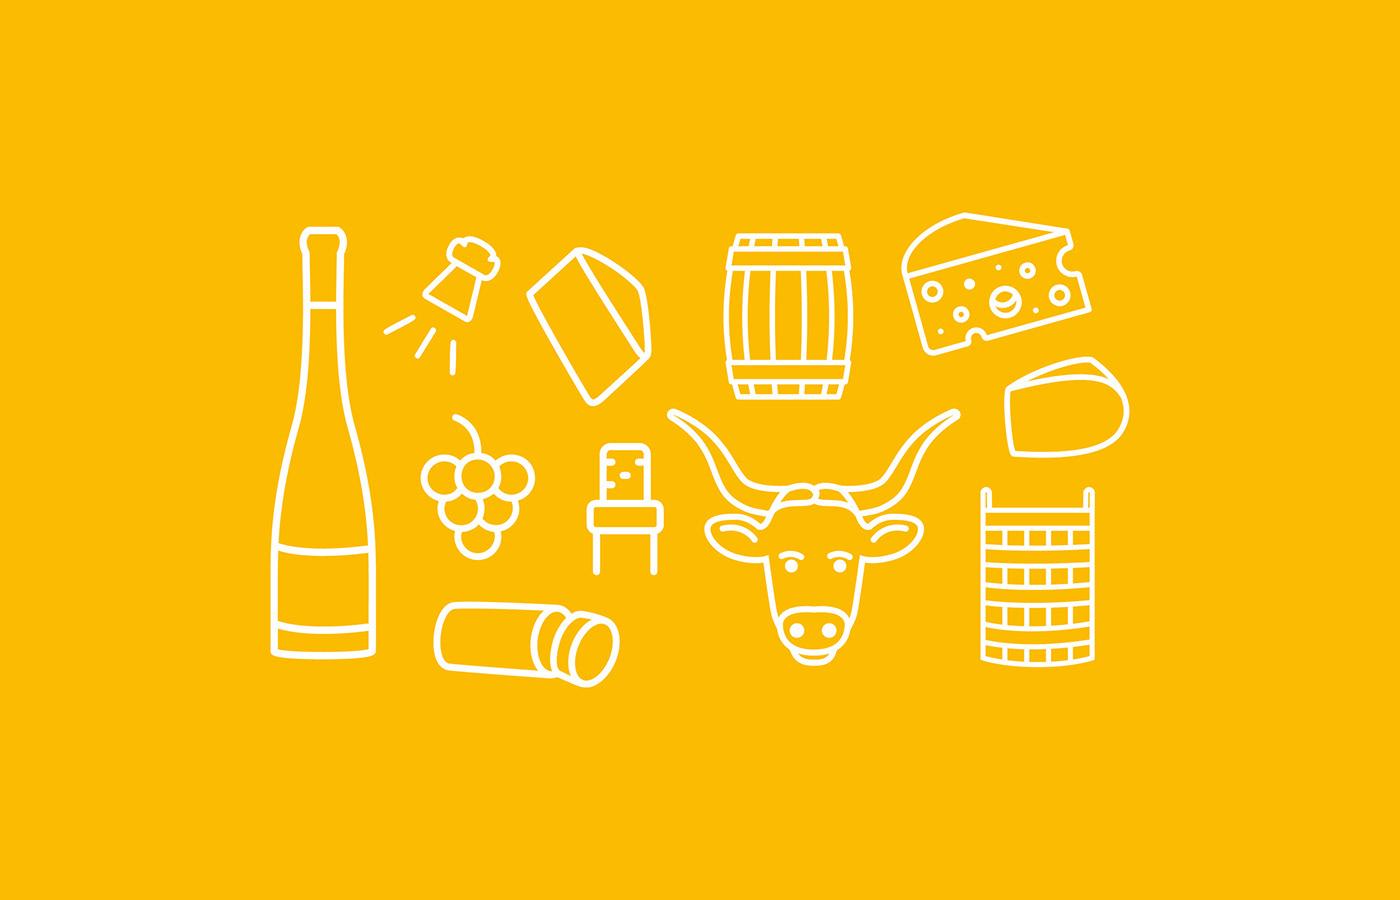 logo Logotype Vins wine bar menu identité visuelle charte graphique graphic design